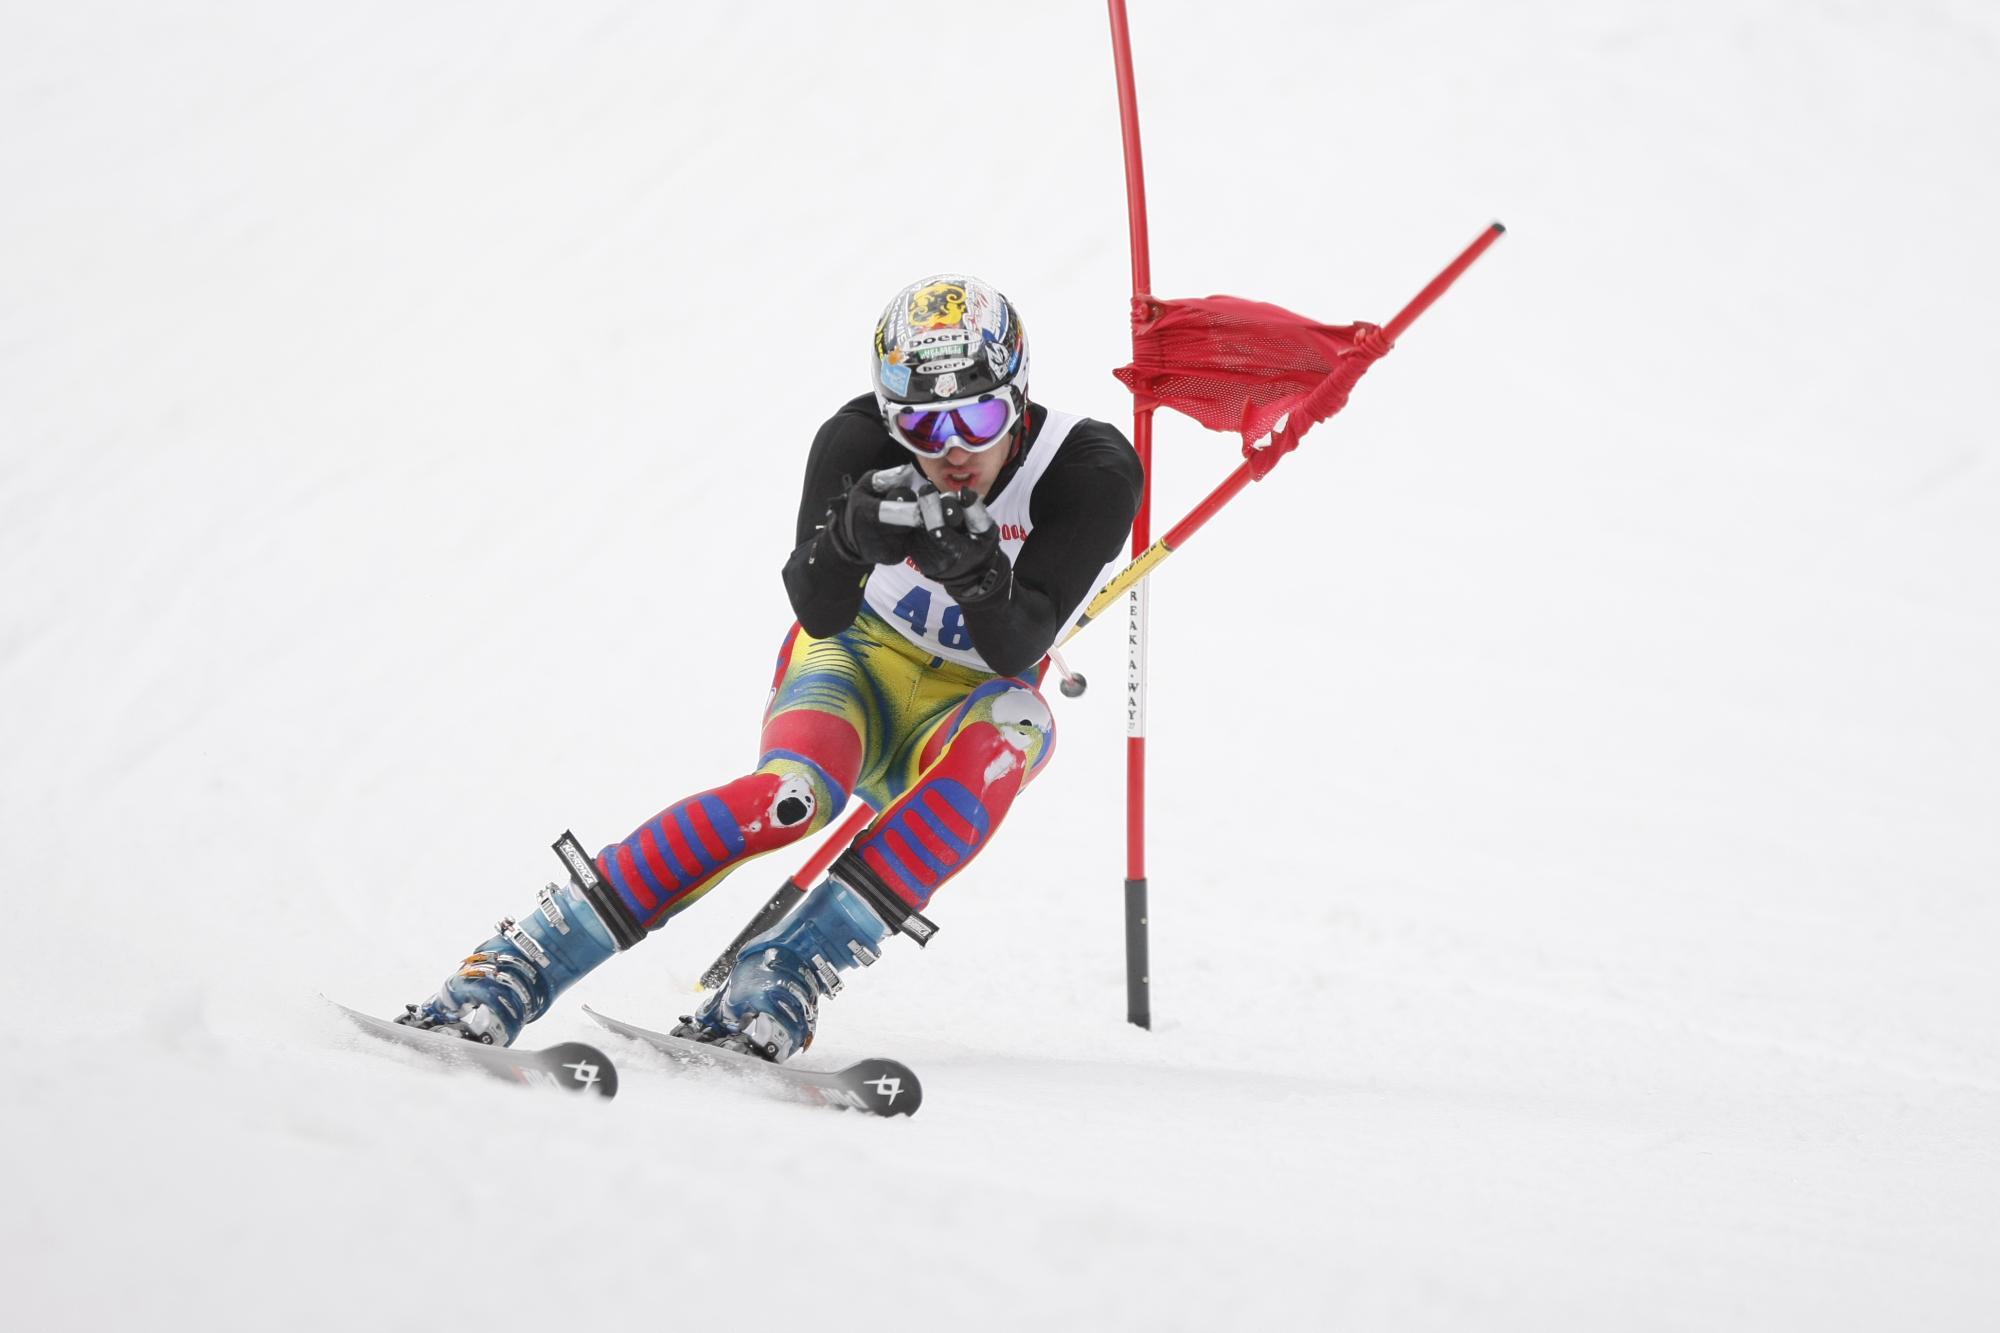 slalom-ski-racer